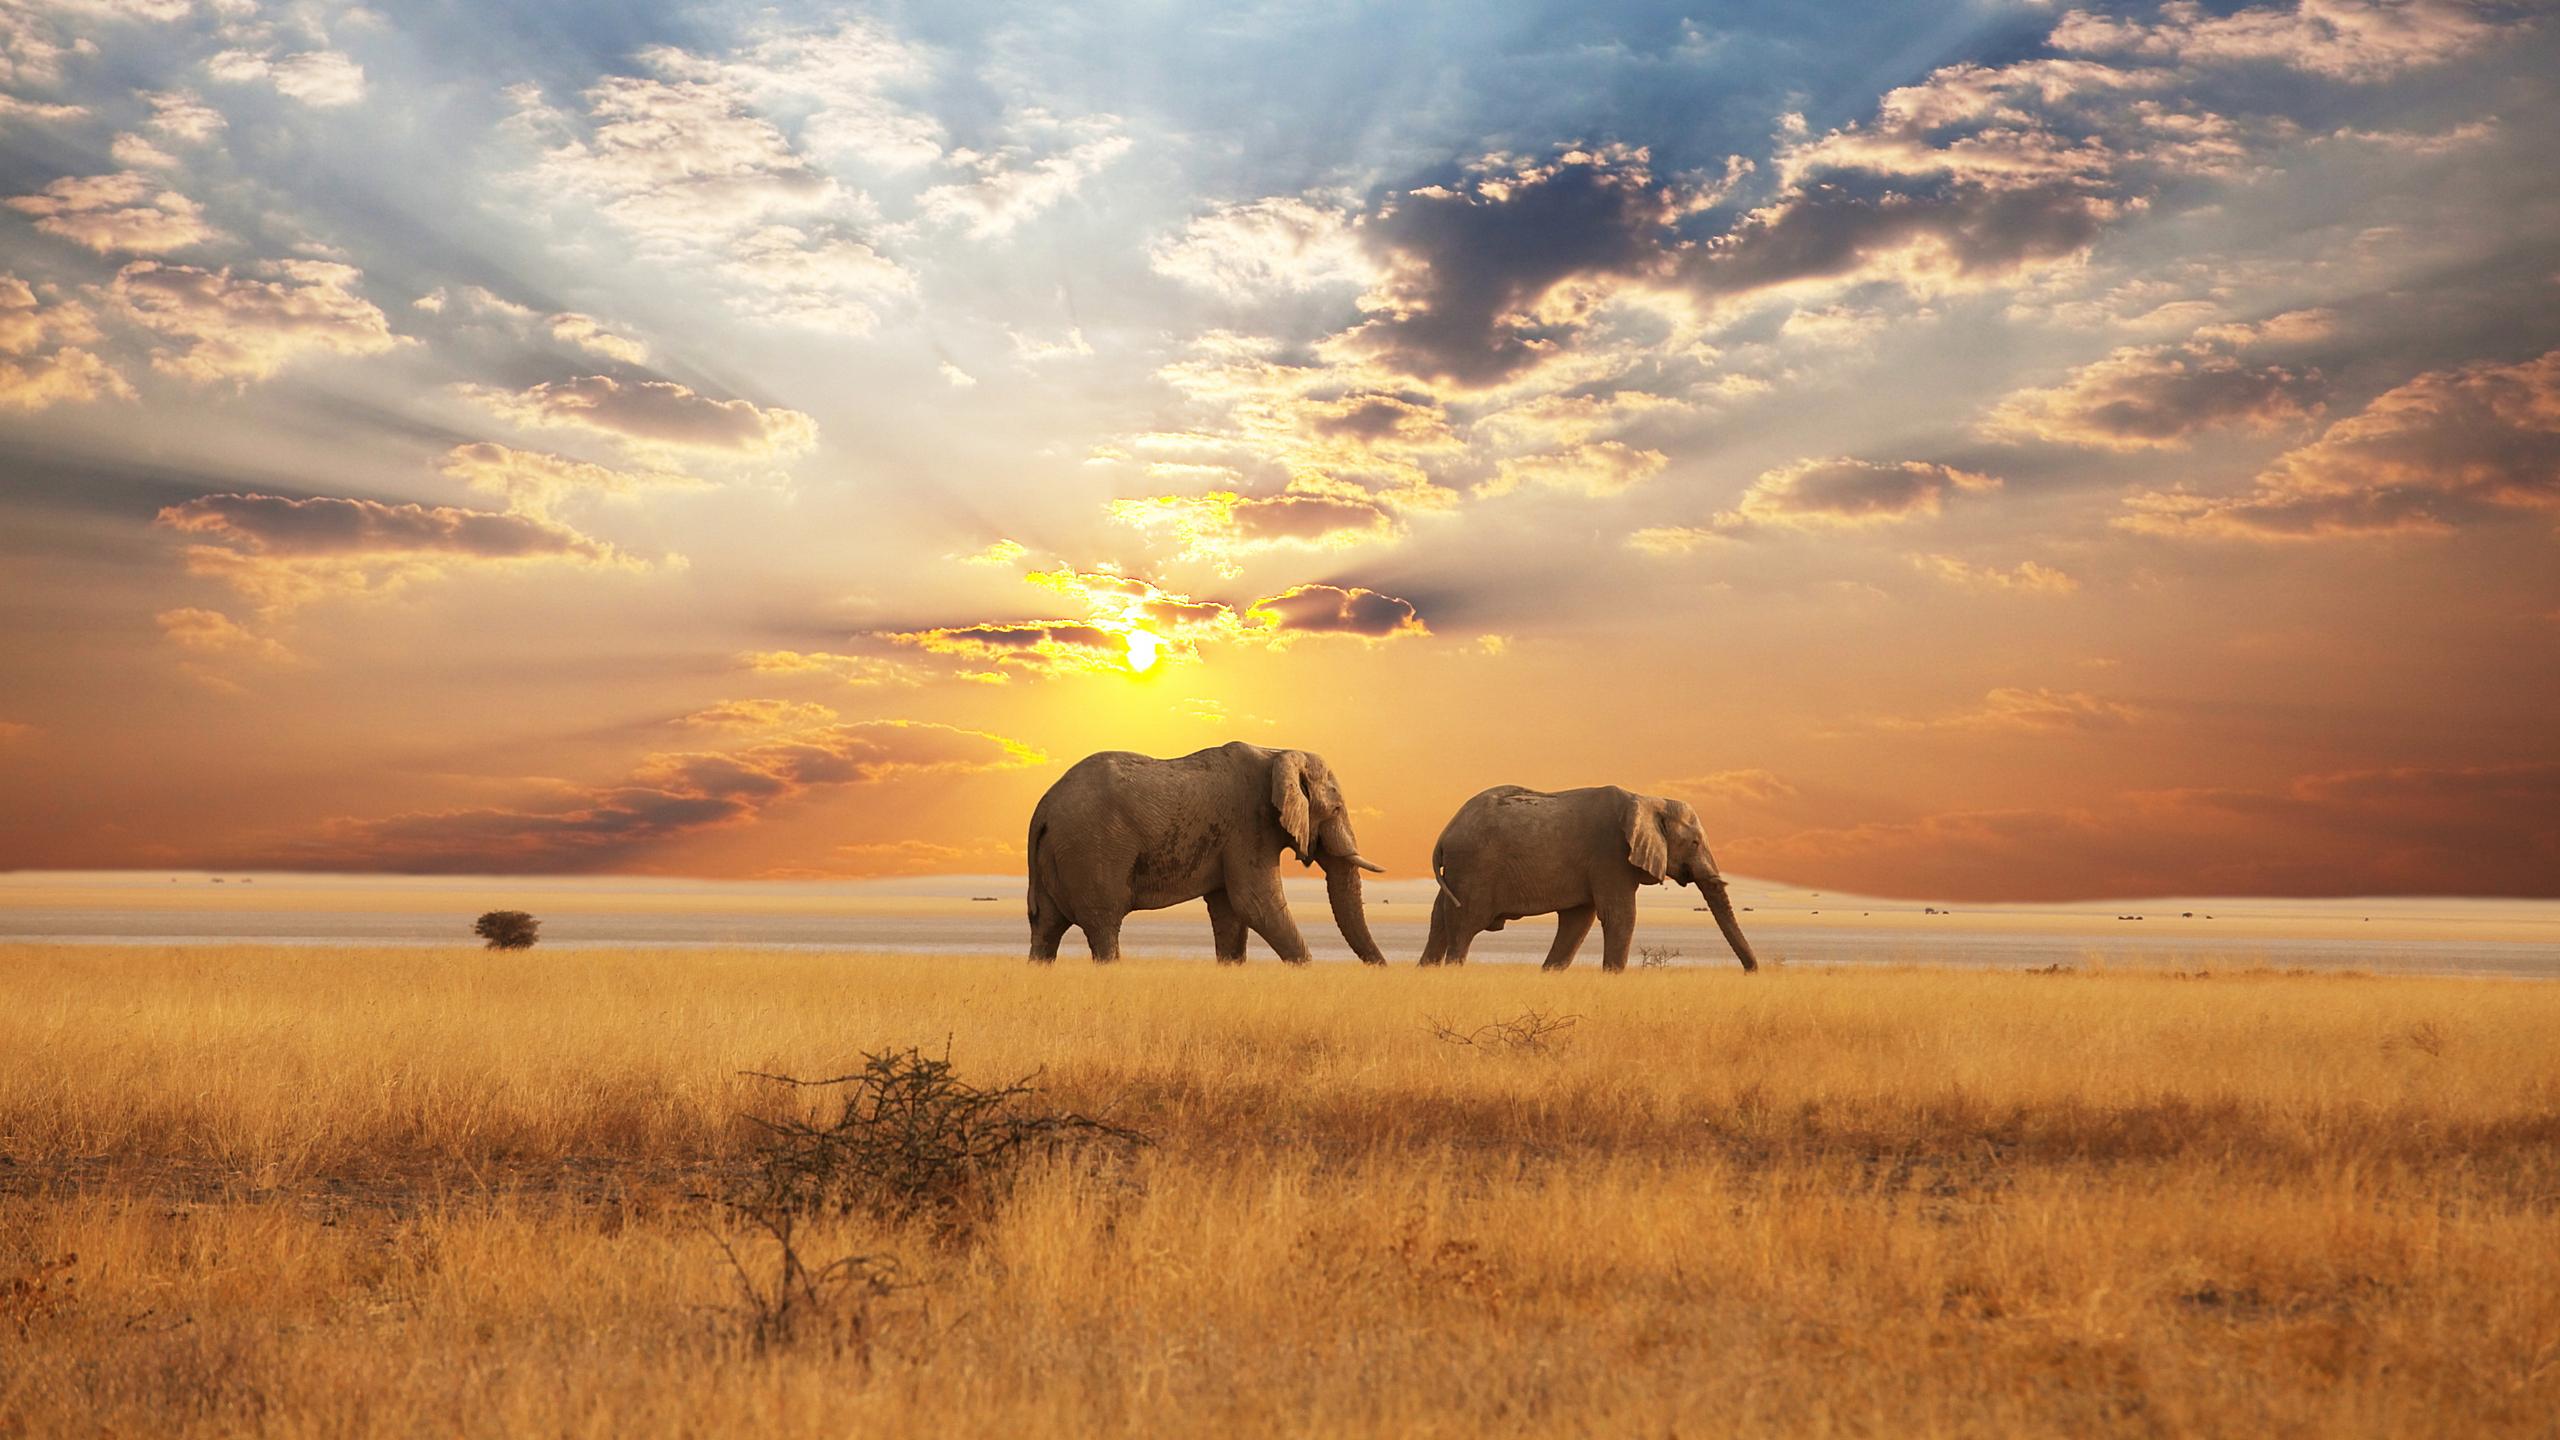 Activit enfant o vivent les animaux - Animaux savane africaine ...